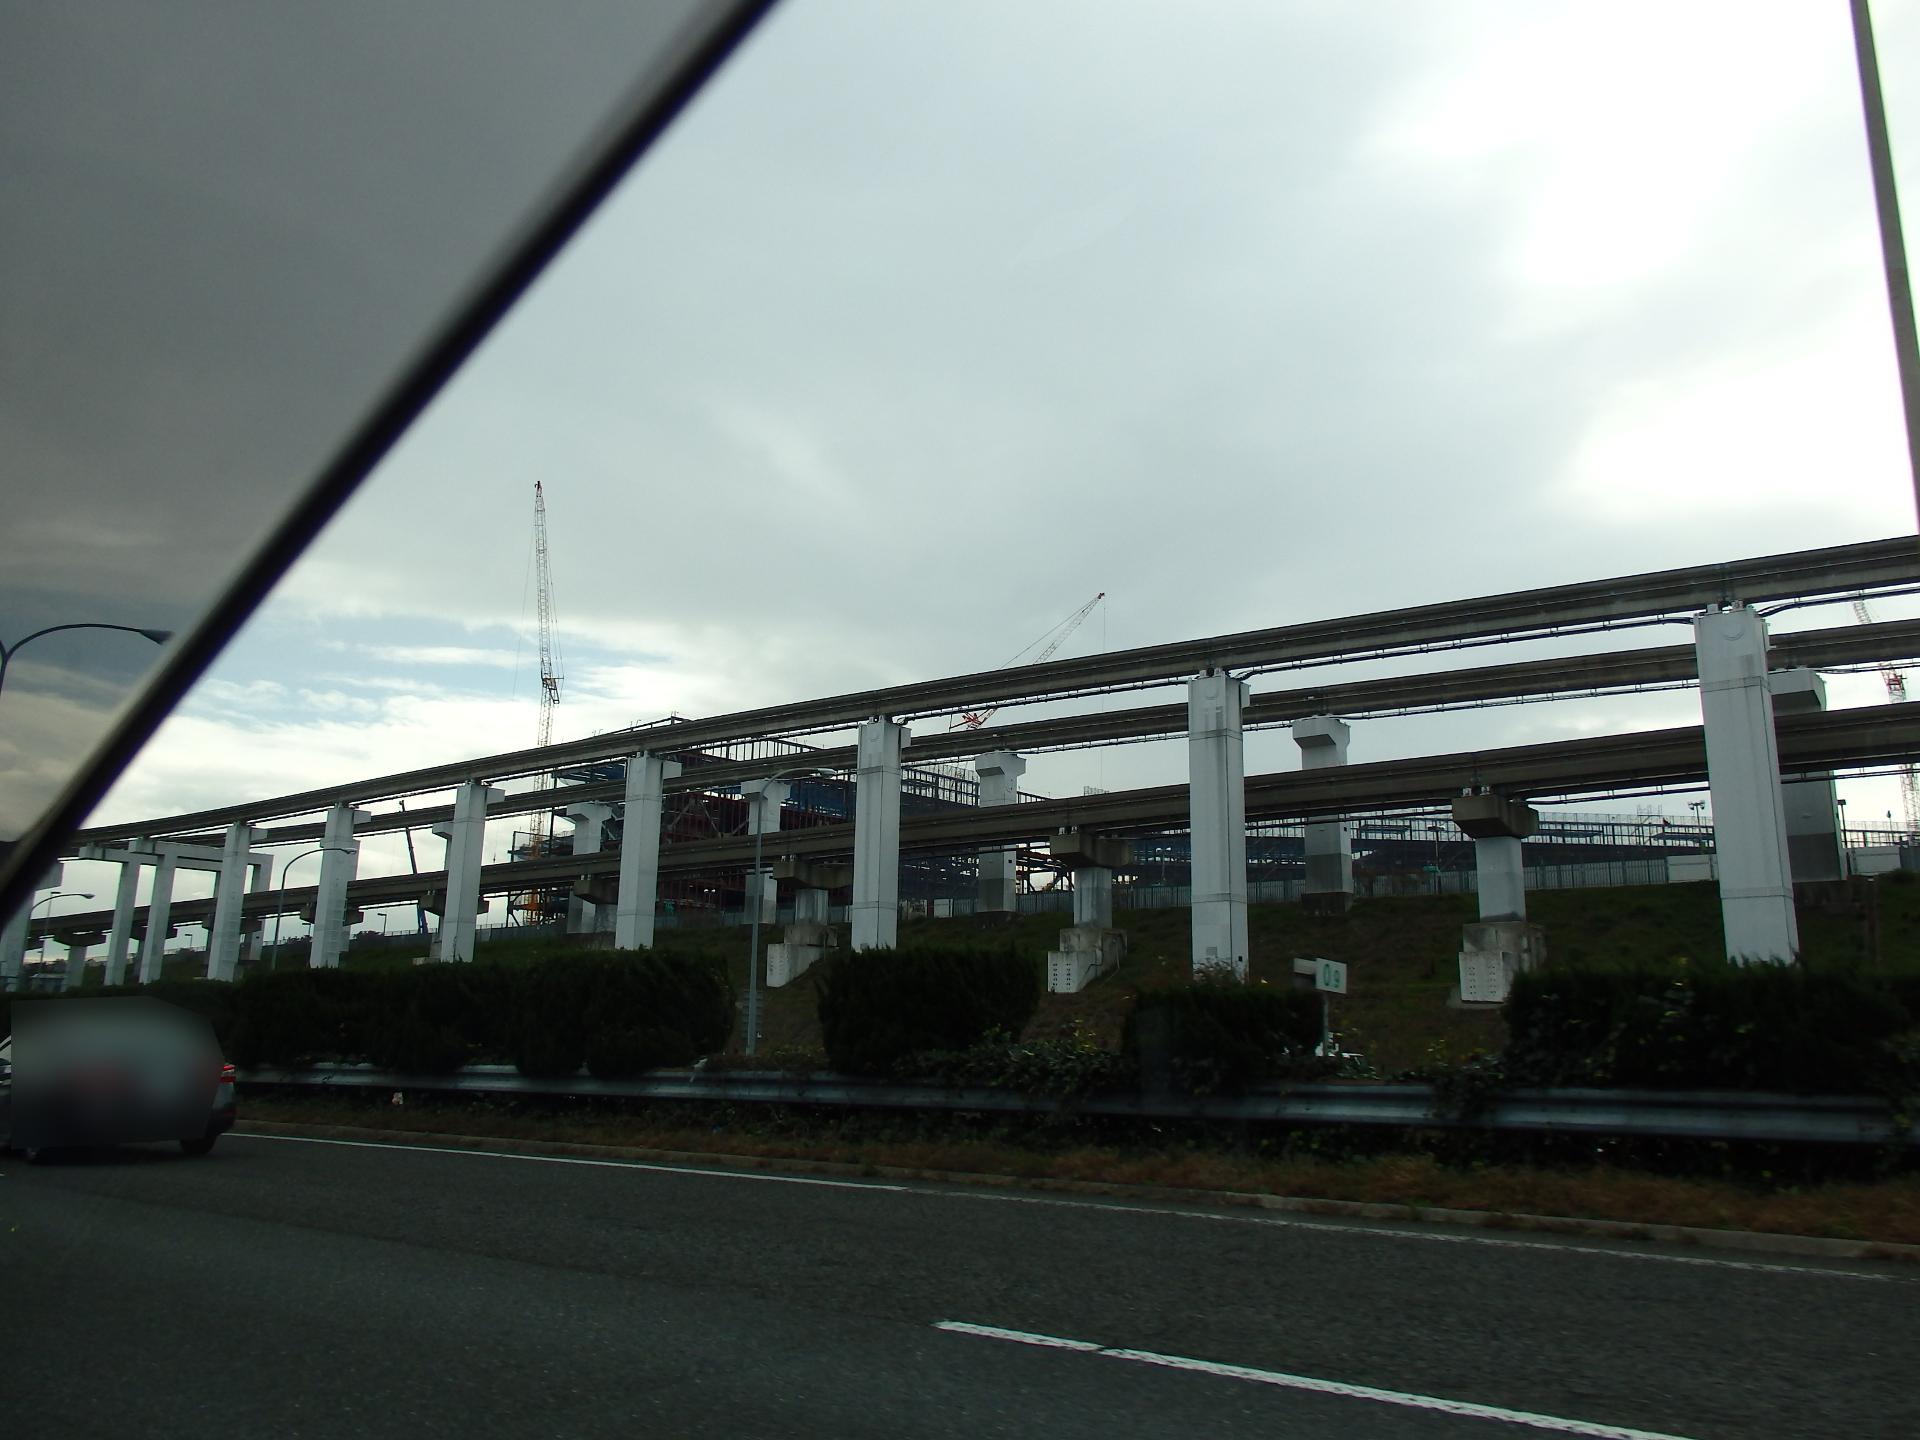 ガンバ大阪の新フランチャイズとなるサッカースタジアムの建設が進んでいます。